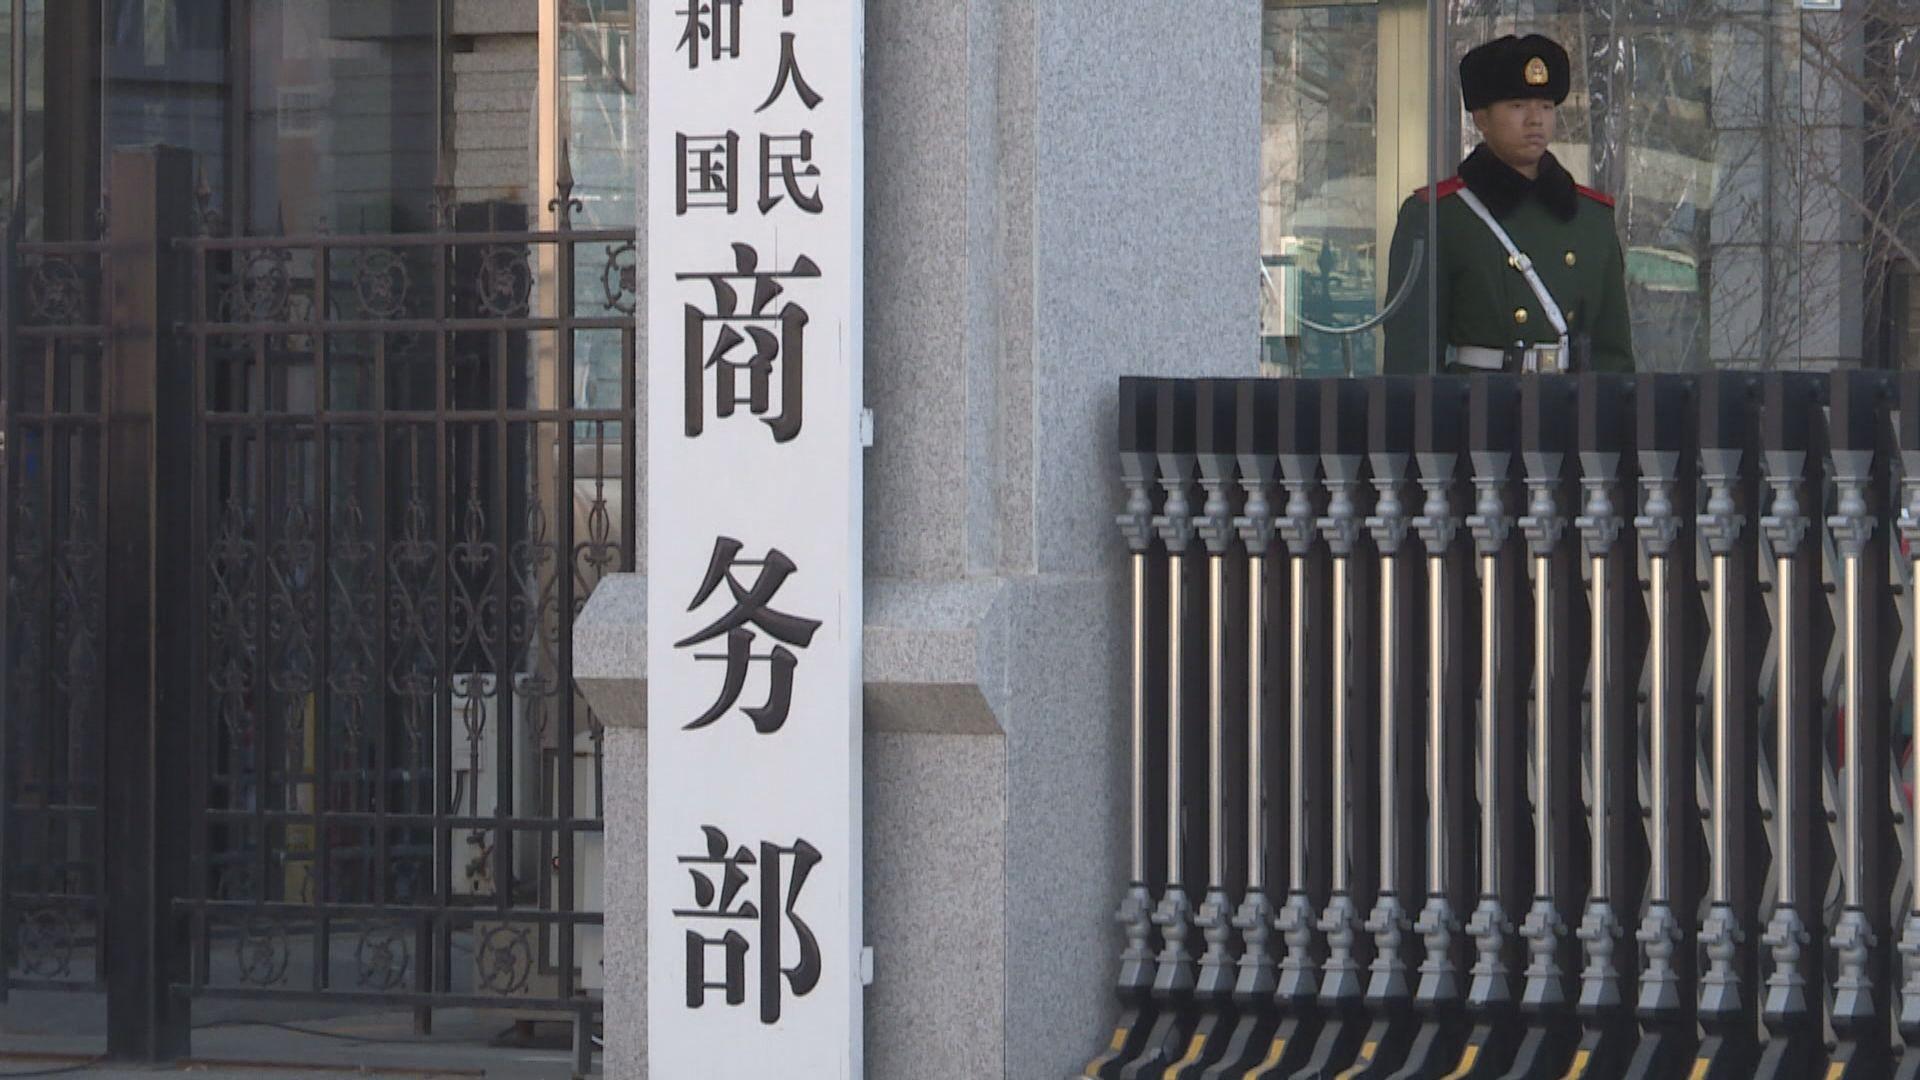 【中美貿戰】中國商務部:一直保持溝通 未有更多細節